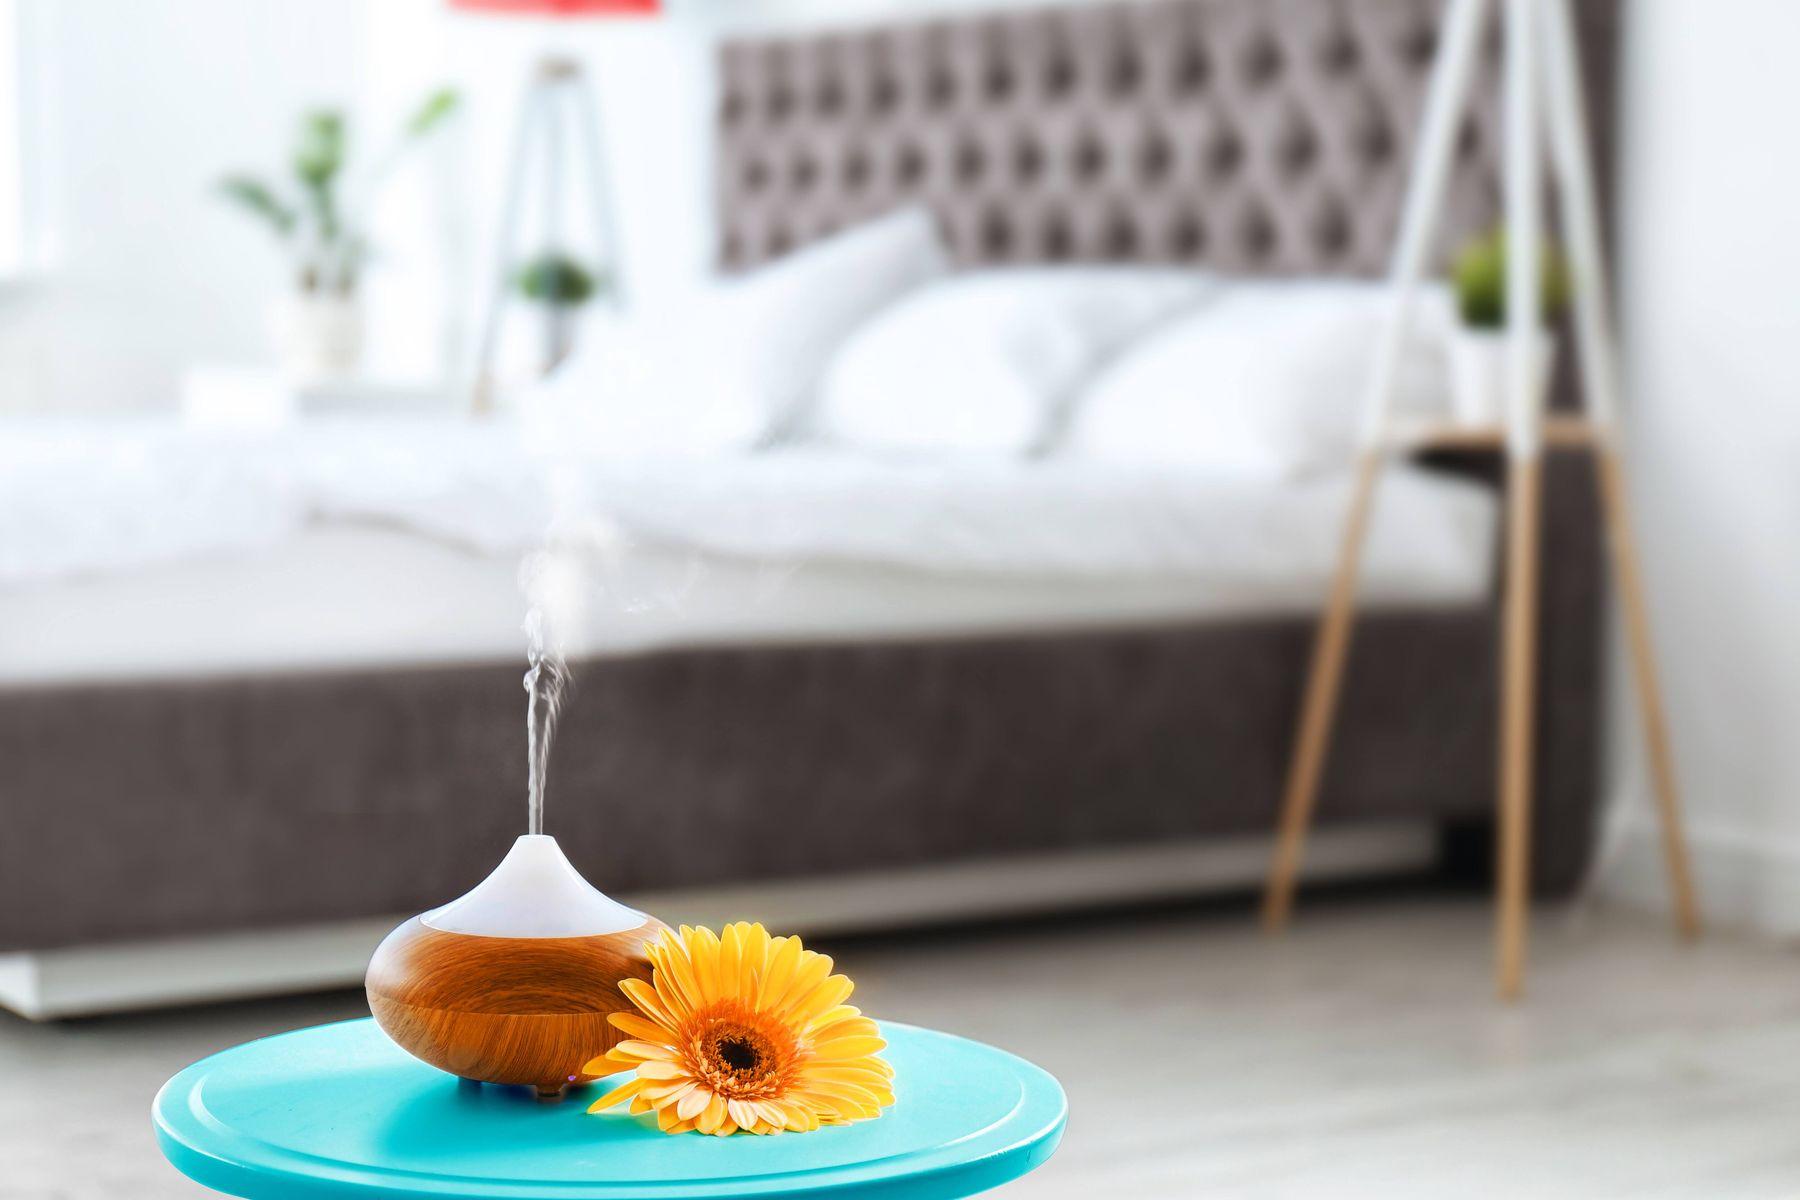 diffuseur d'huiles essentielles devant le lit gris et blanc